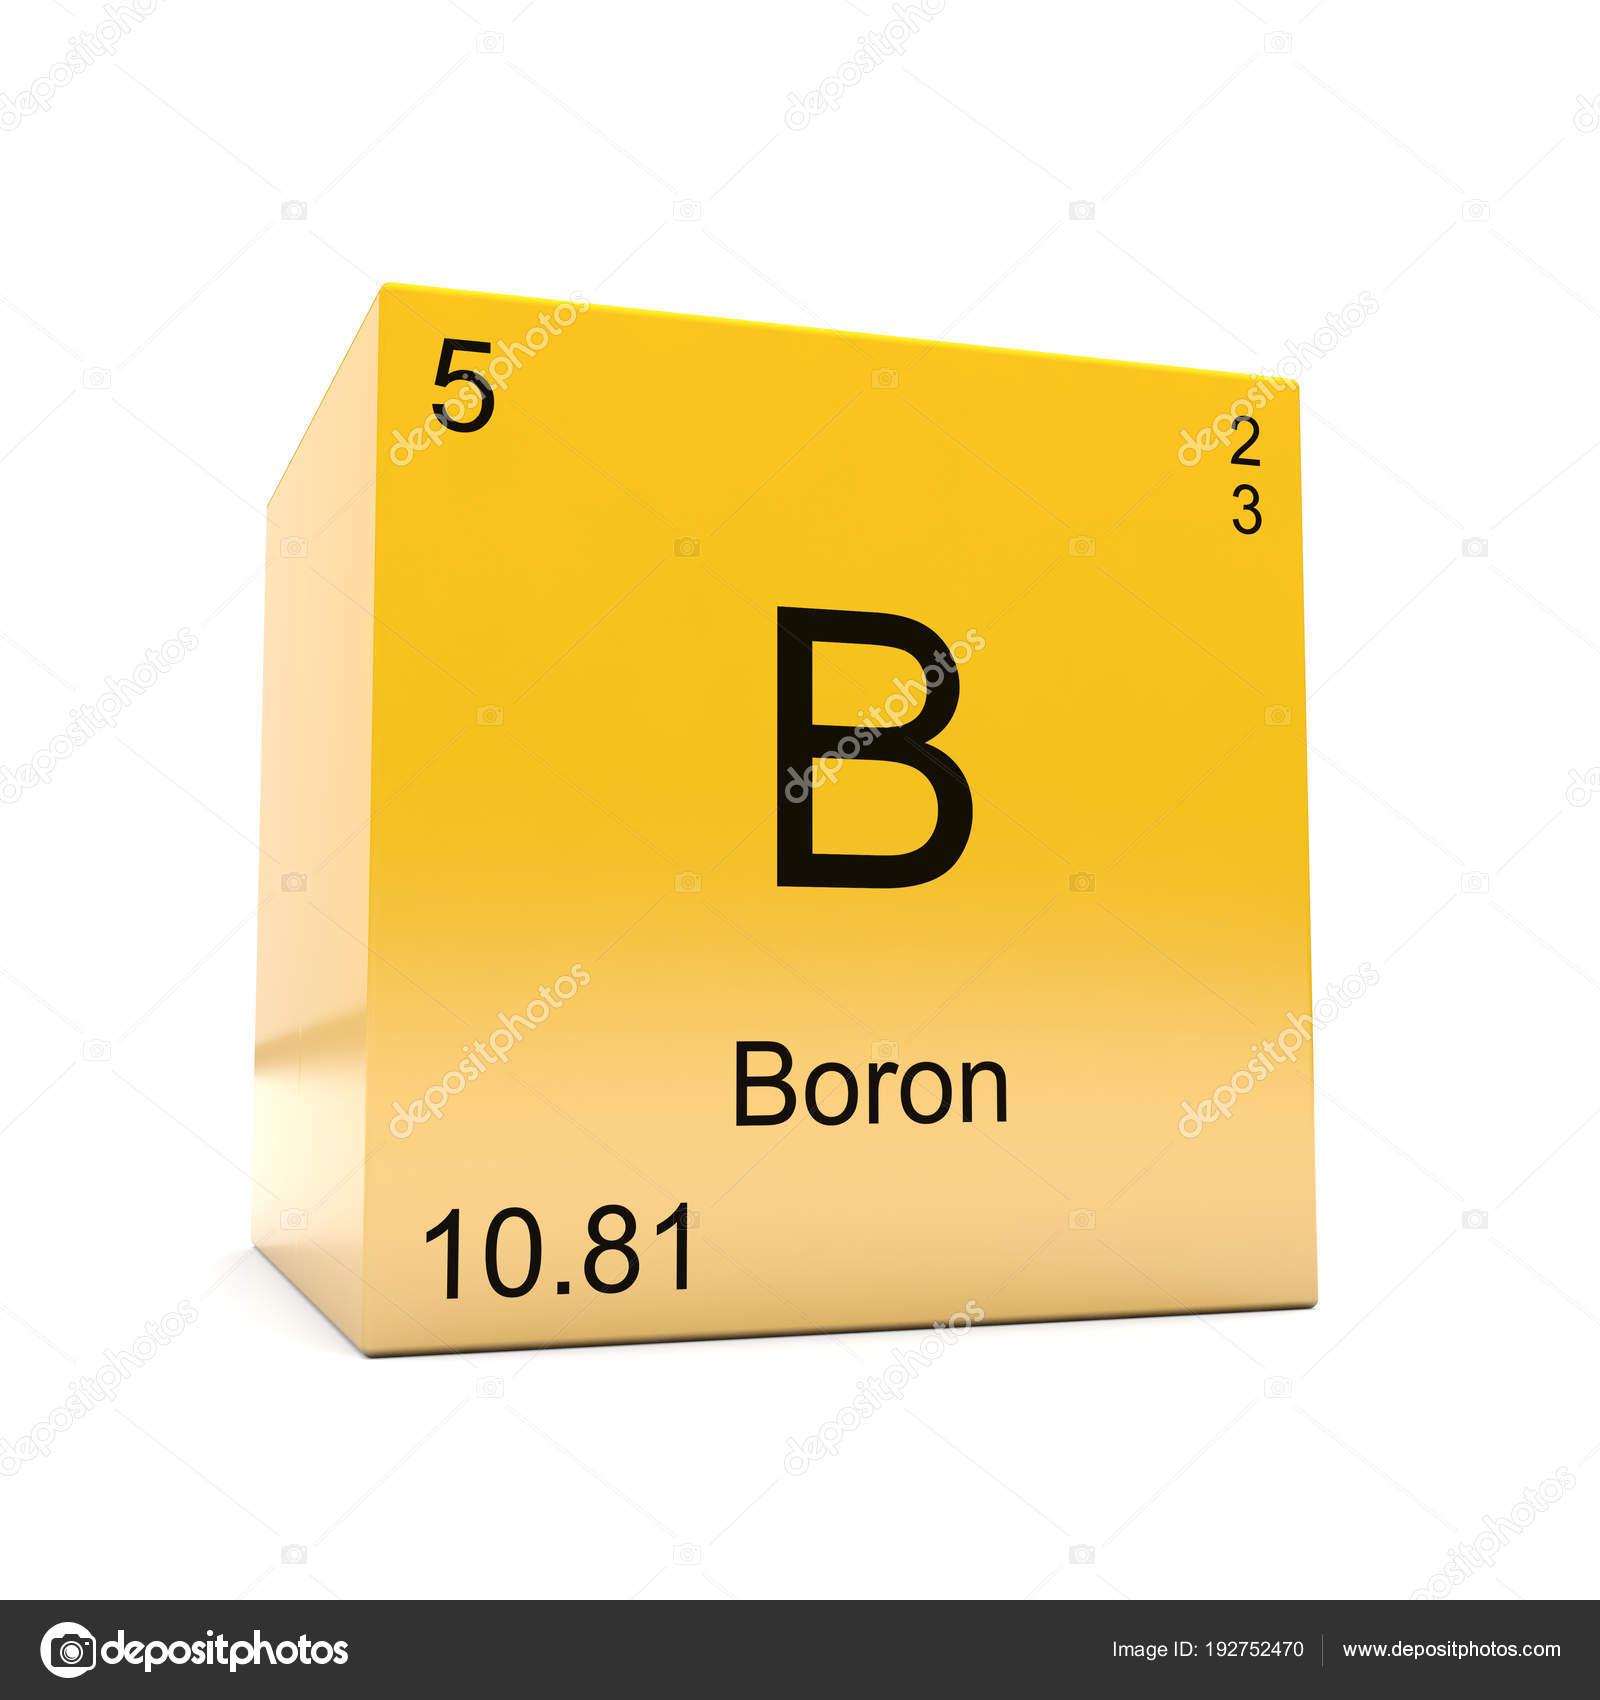 Smbolo del elemento qumico boro tabla peridica aparecen cubo smbolo del elemento qumico boro tabla peridica aparecen cubo amarillo fotos de stock urtaz Gallery